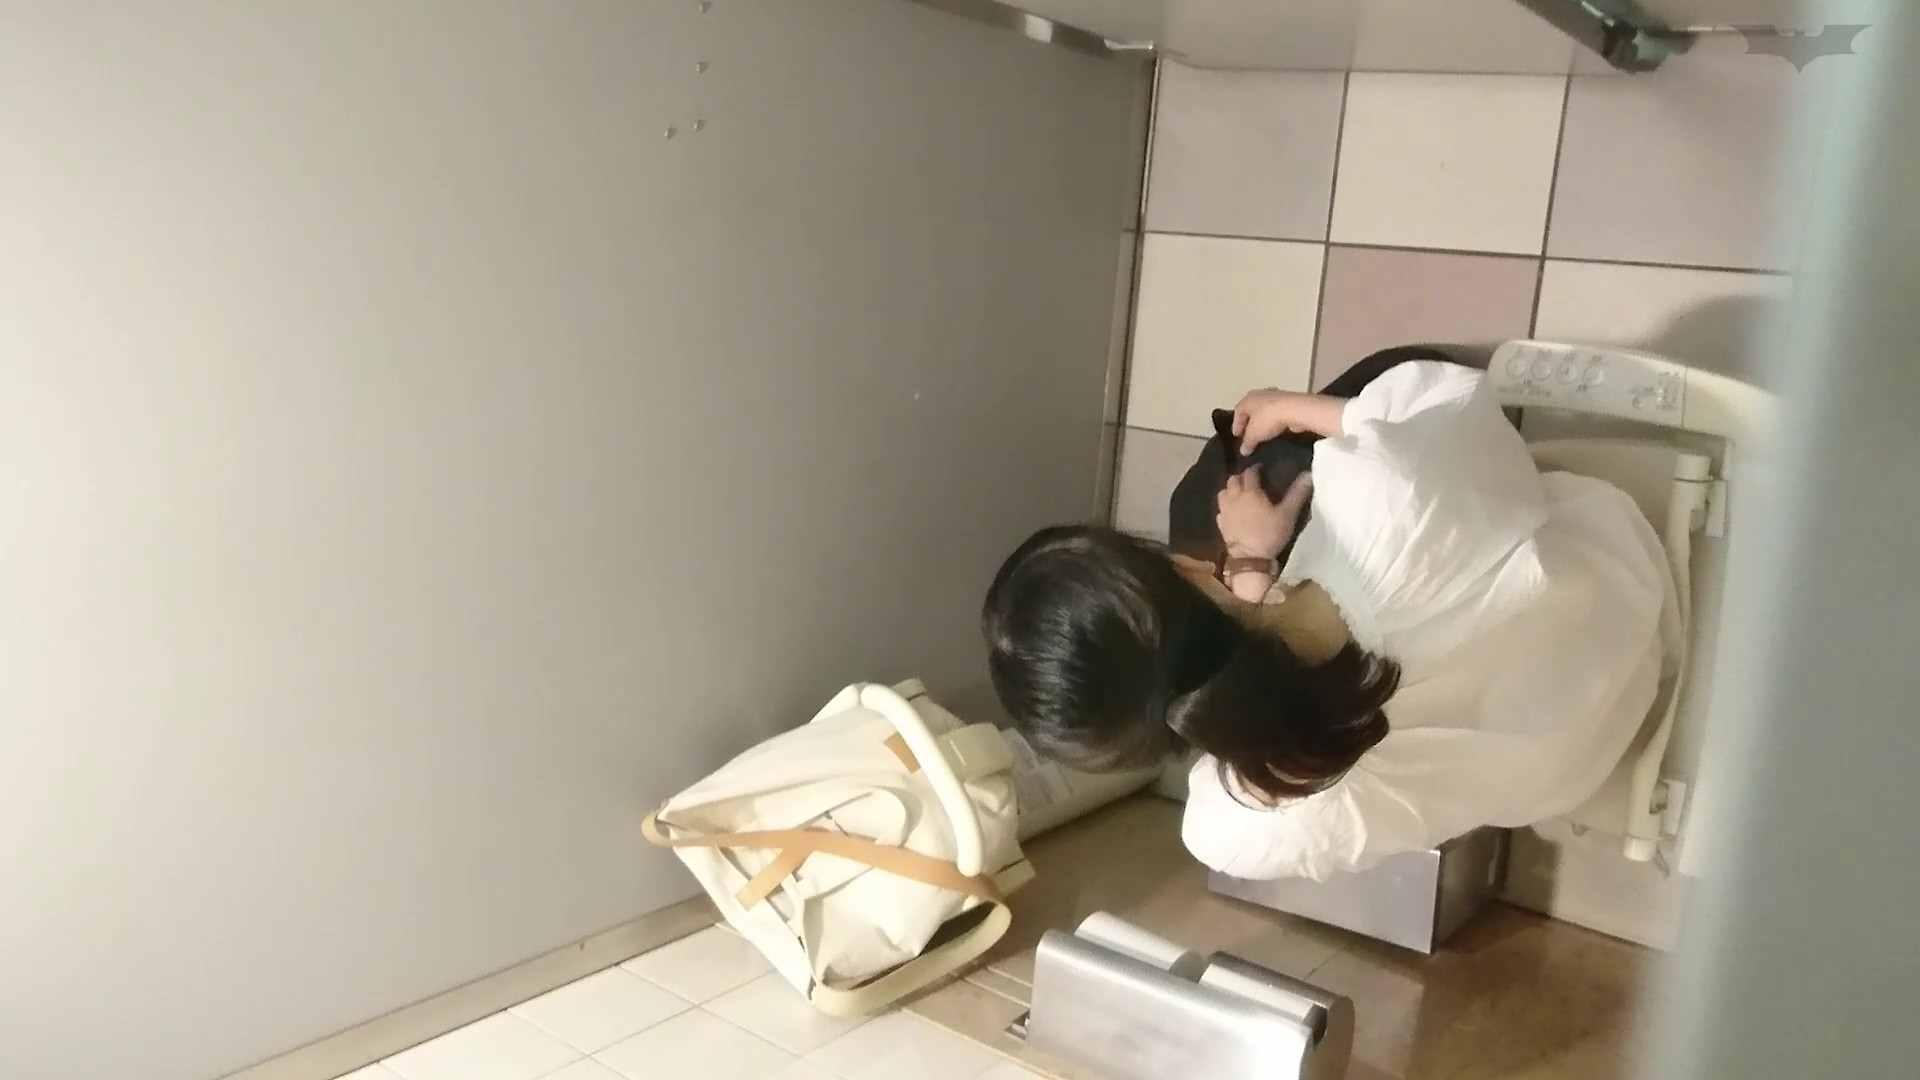 化粧室絵巻 ショッピングモール編 VOL.22 いやらしいOL  46連発 12